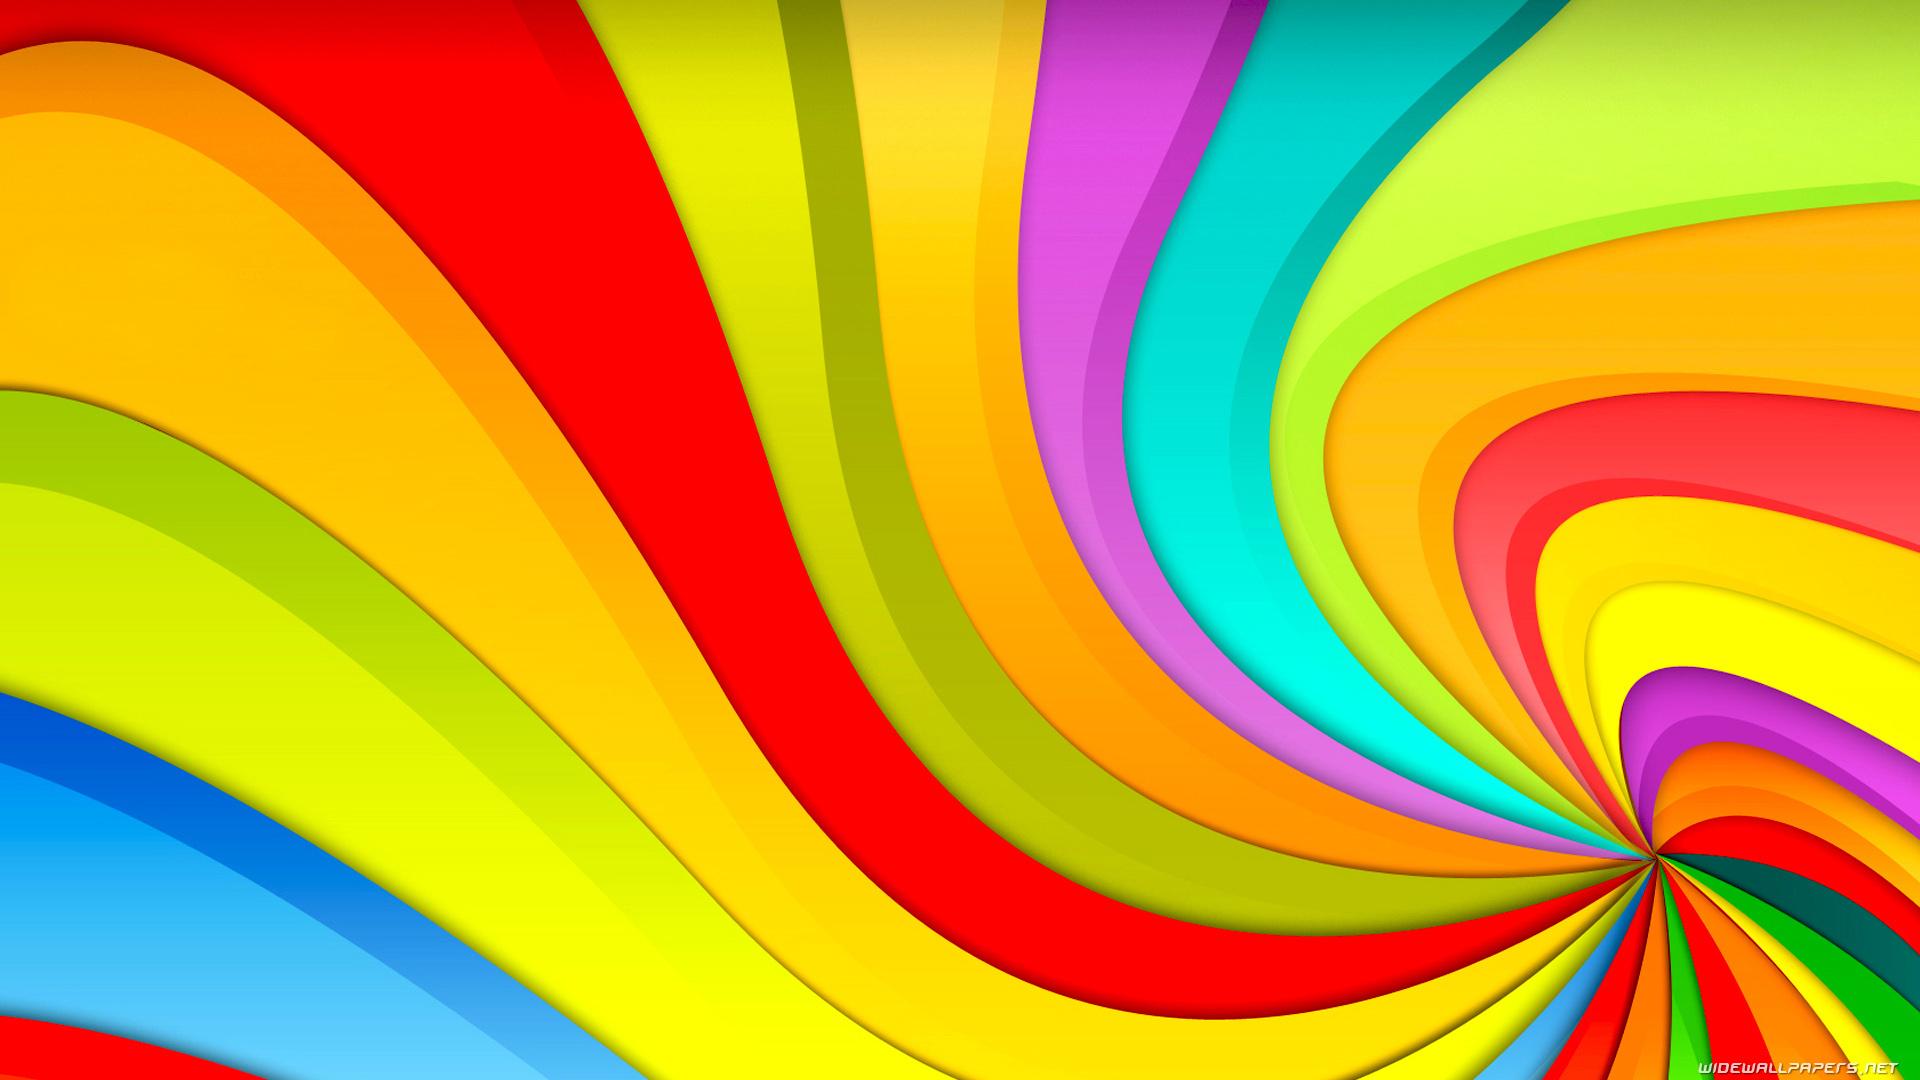 Colour objects colors wallpaper fanpop Chainimage 1920x1080